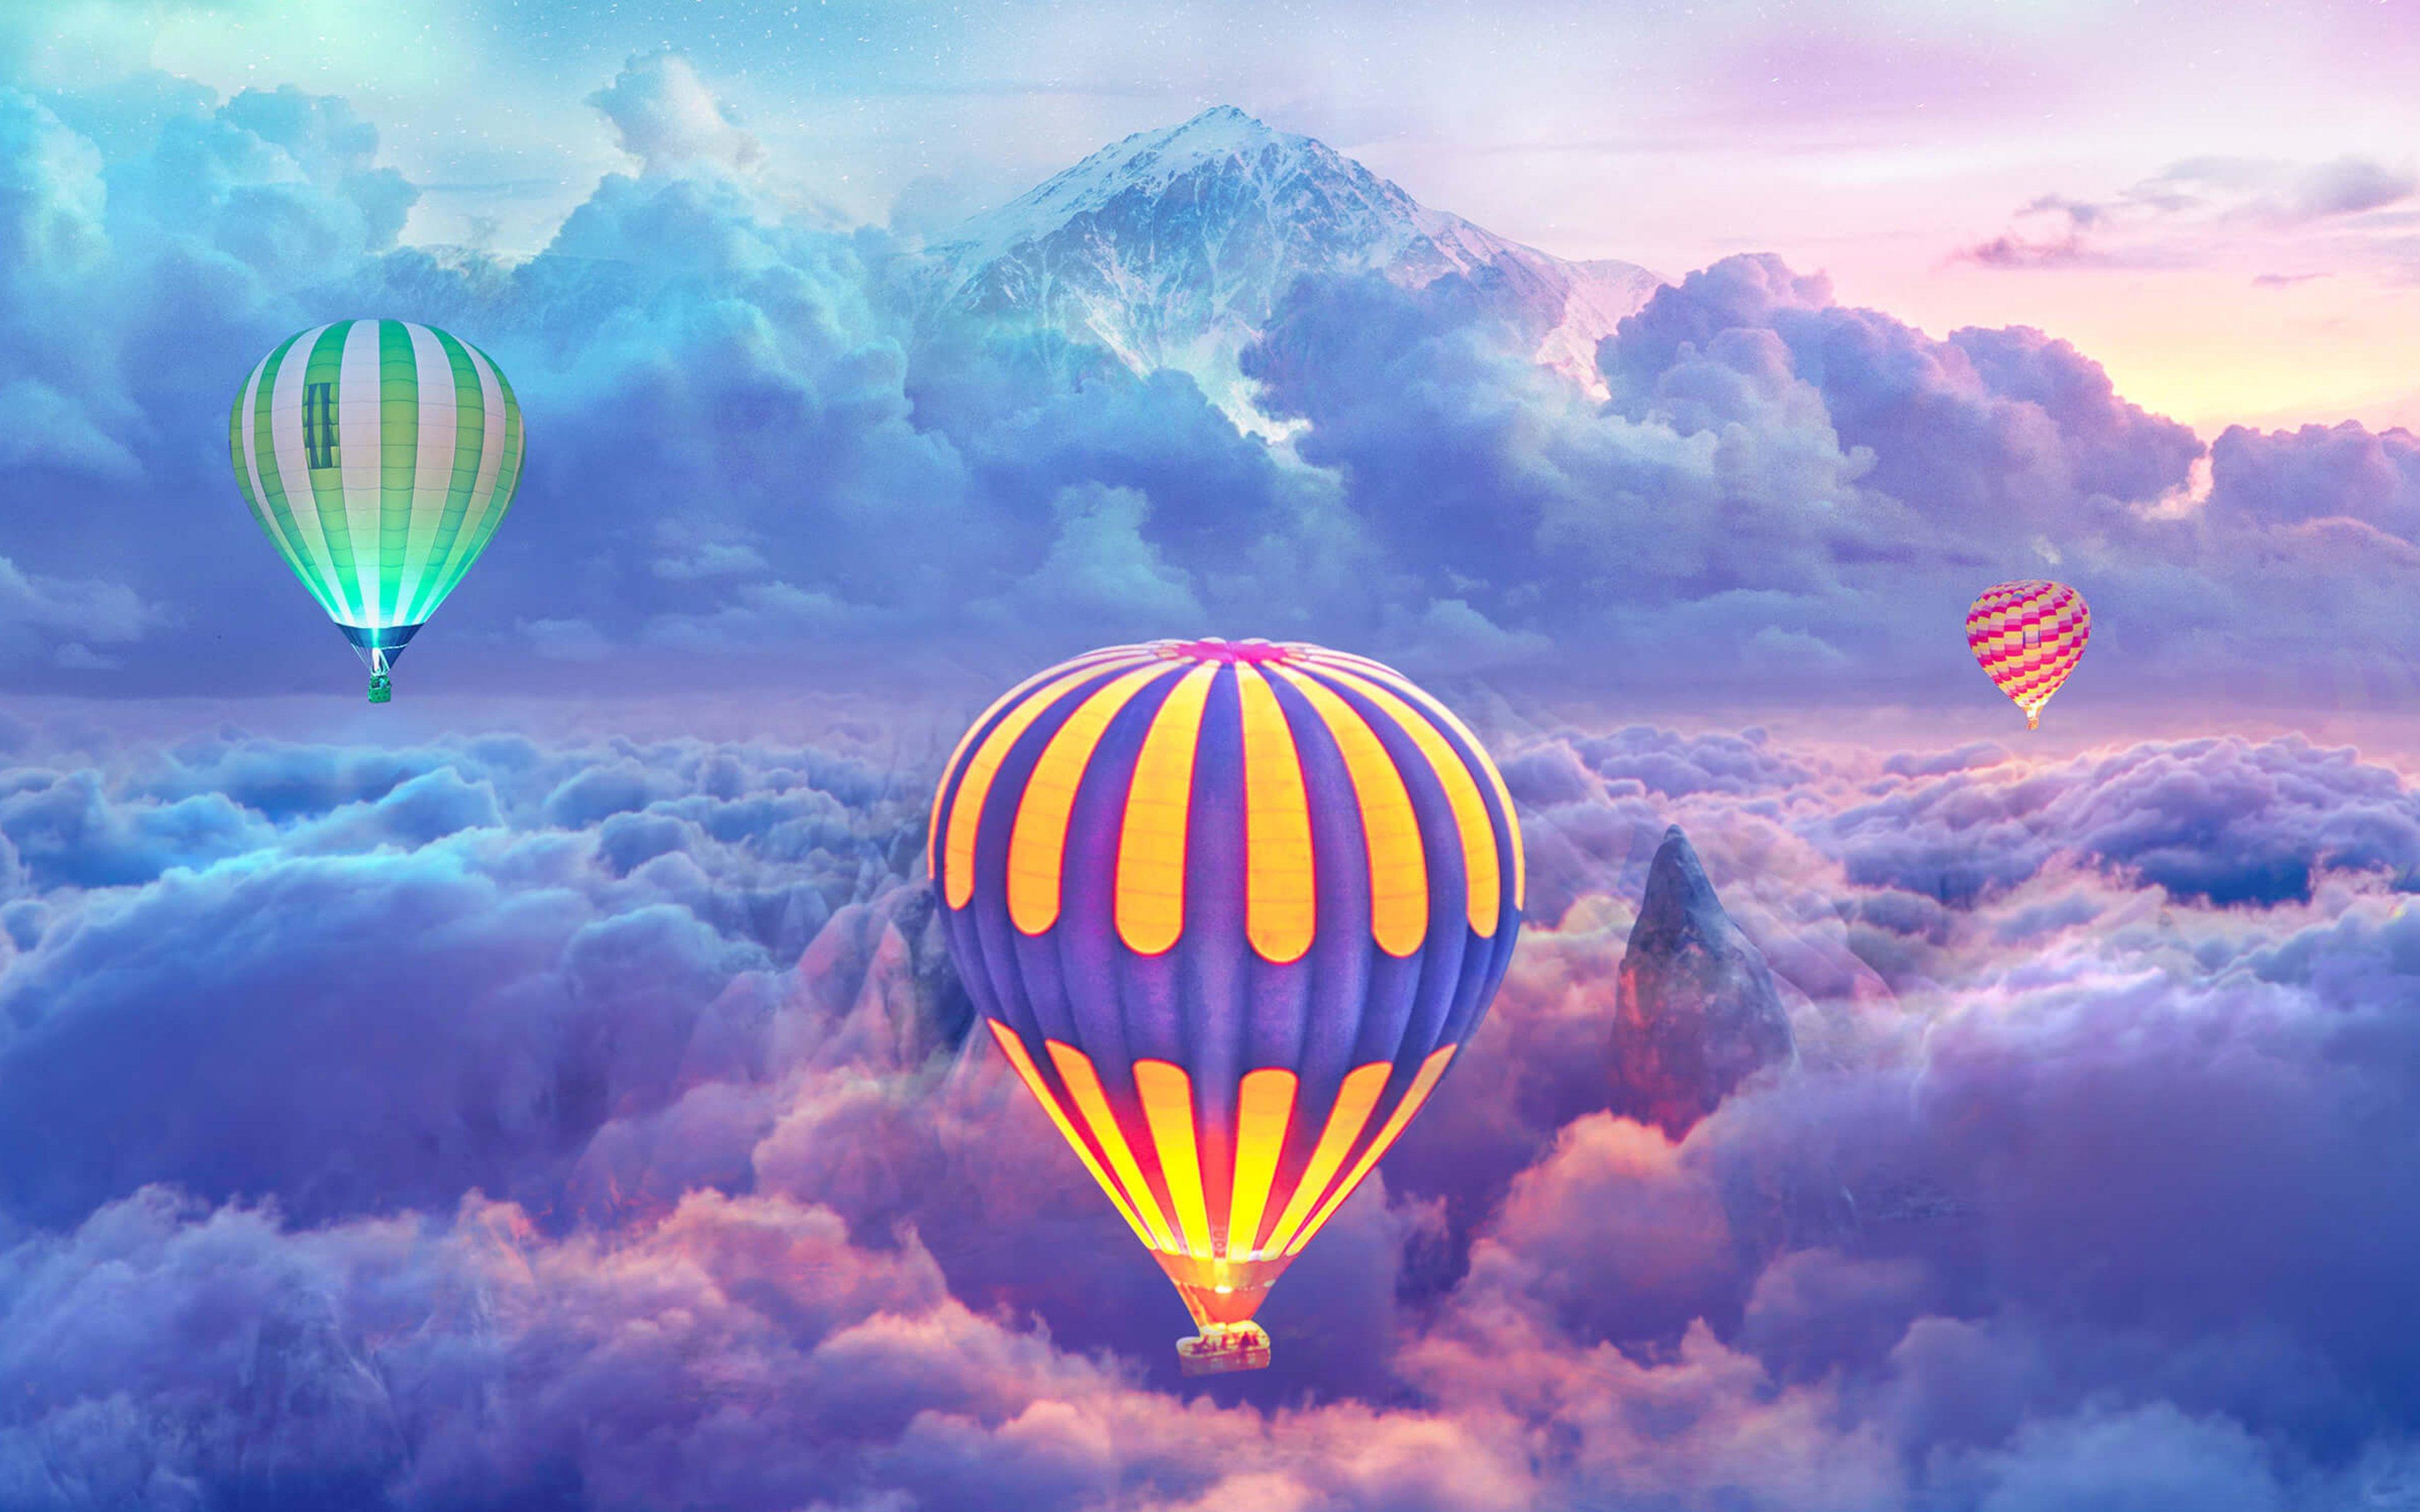 Fondos de pantalla Globos aerostáticos sobre las nubes